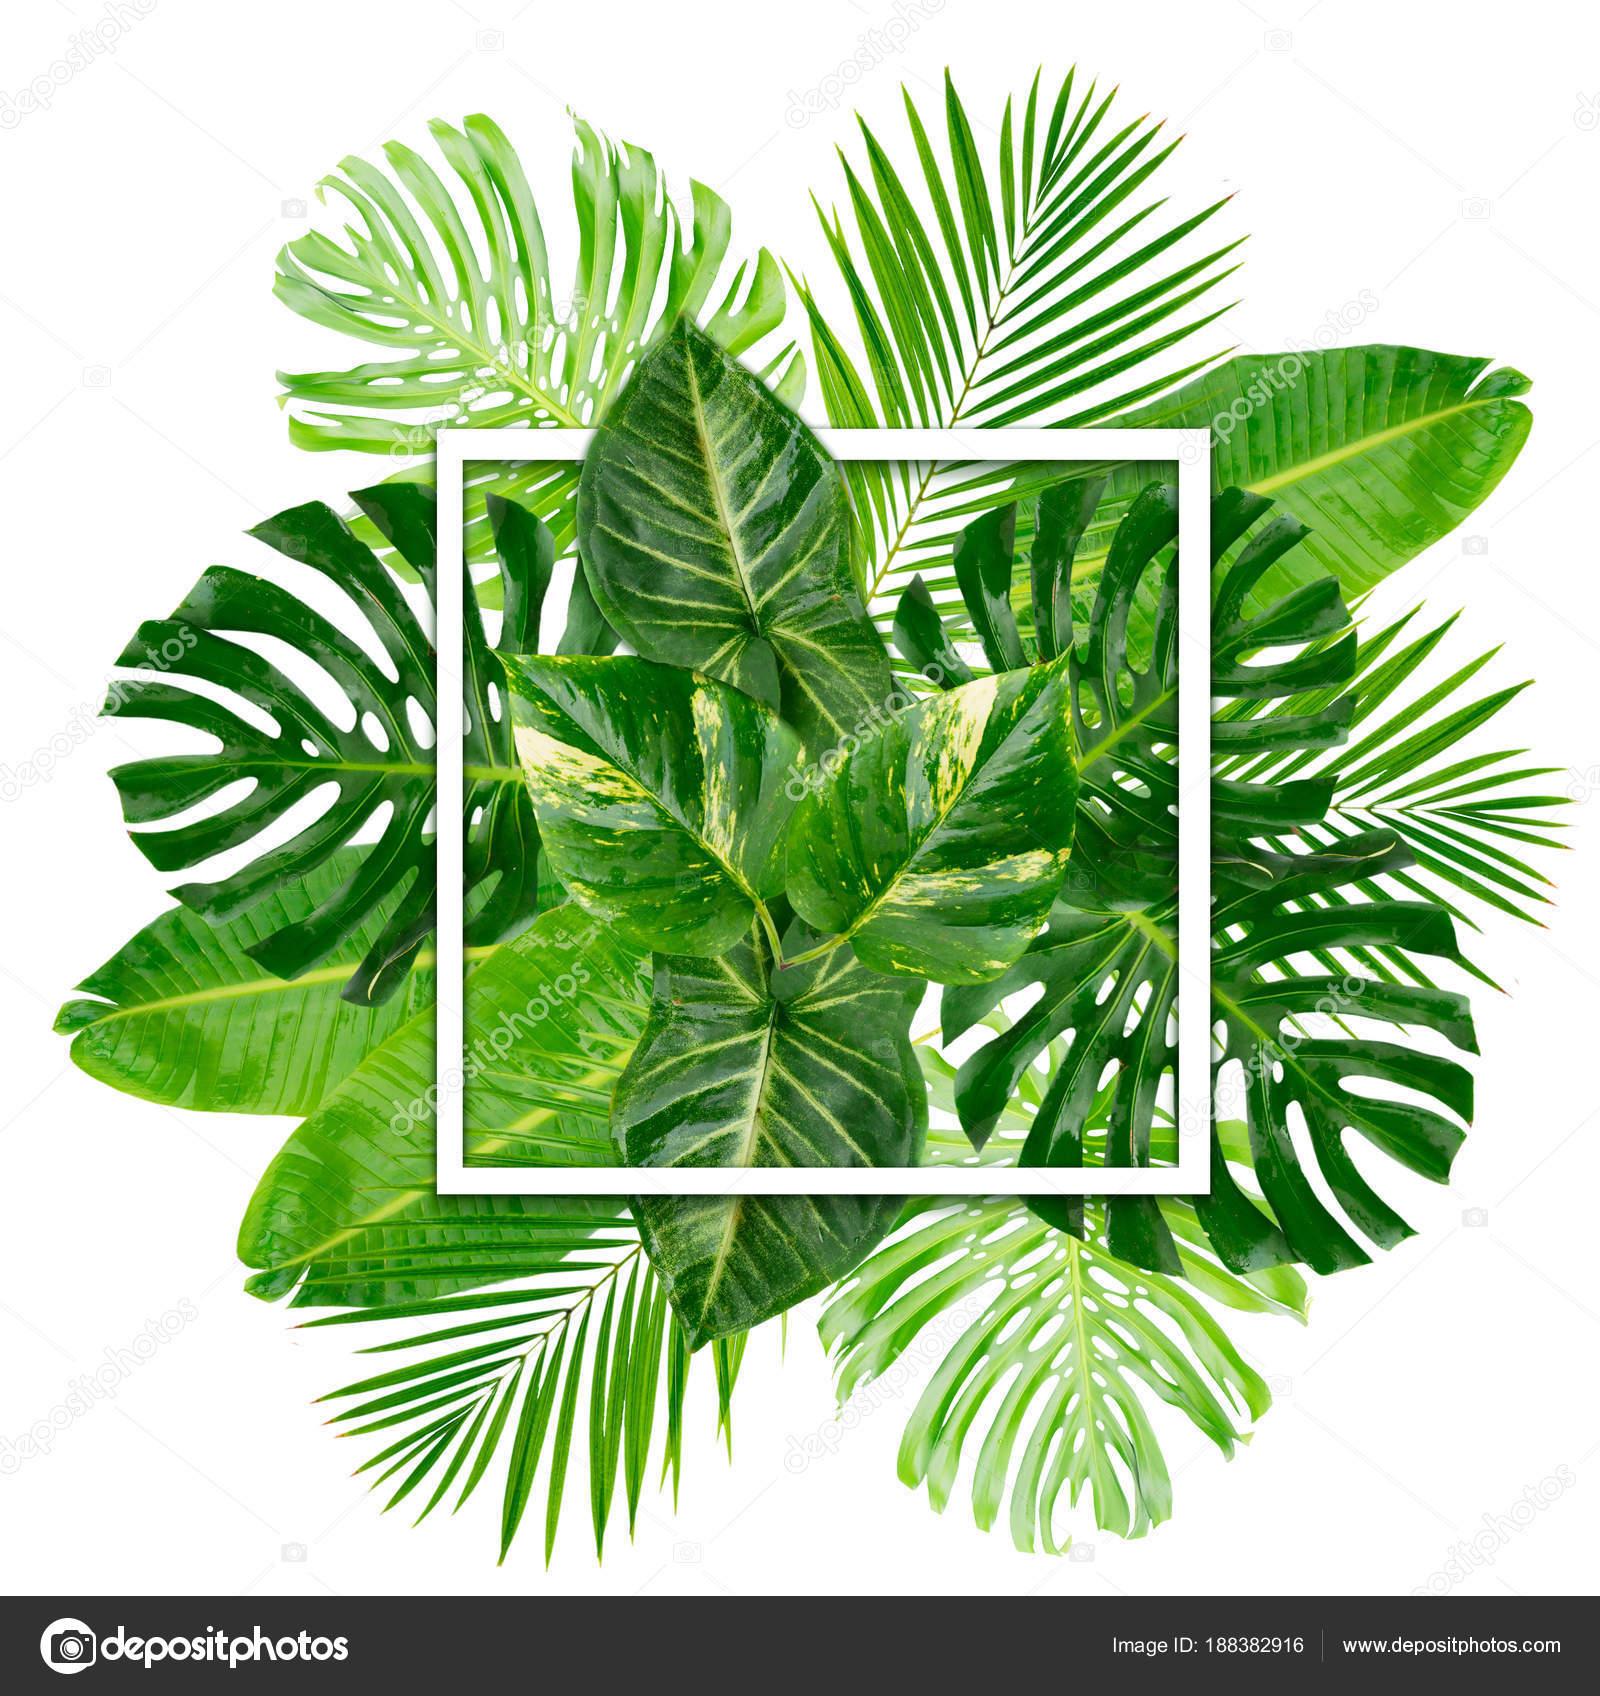 Fondos de hojas verdes en hd